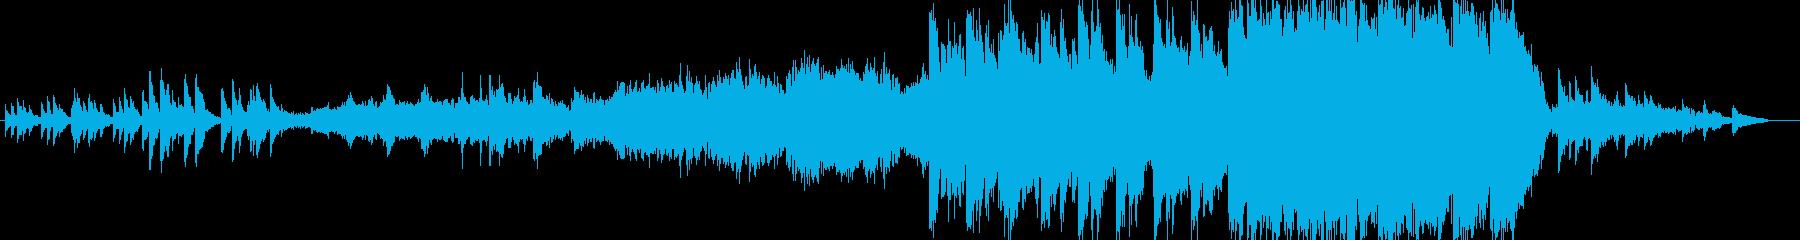 ピアノなどによる壮大で羽ばたくような曲の再生済みの波形